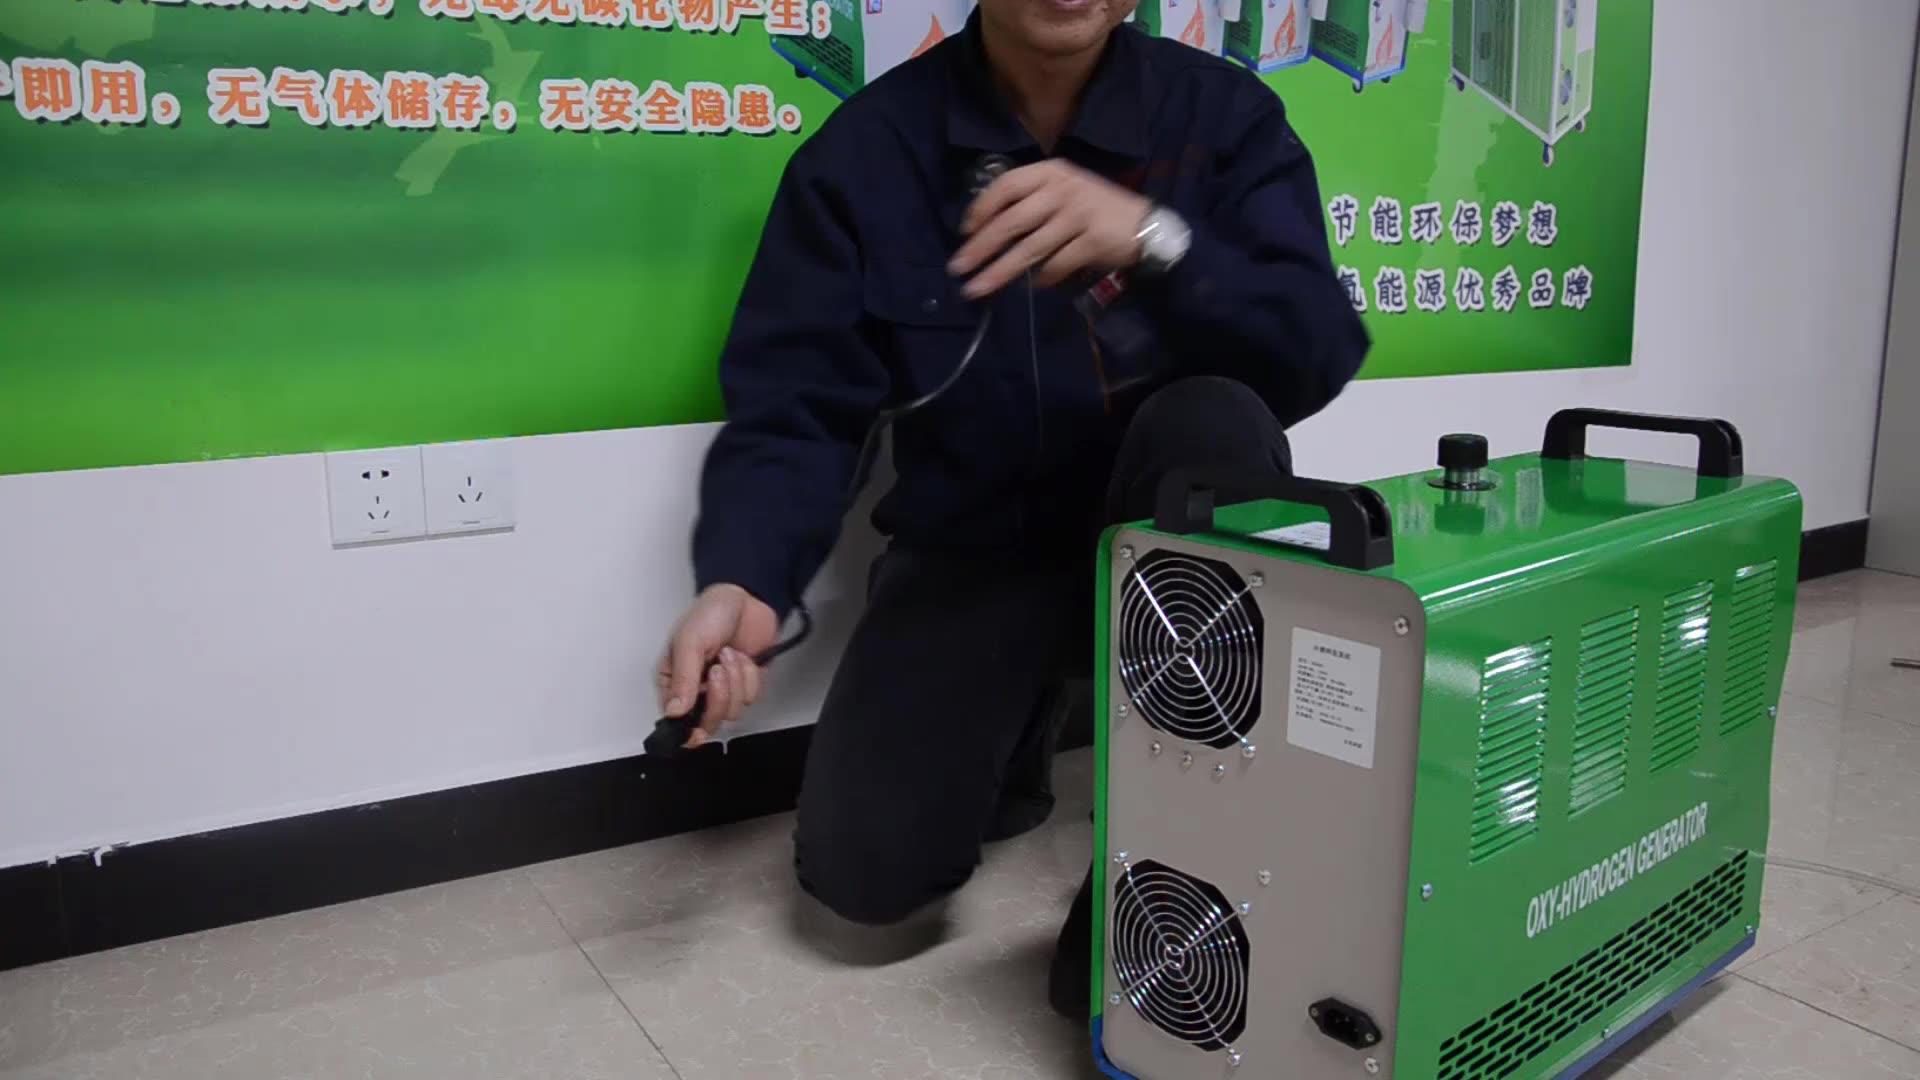 Banyak digunakan hho generator kuningan instrumen solder mesin las otomatis